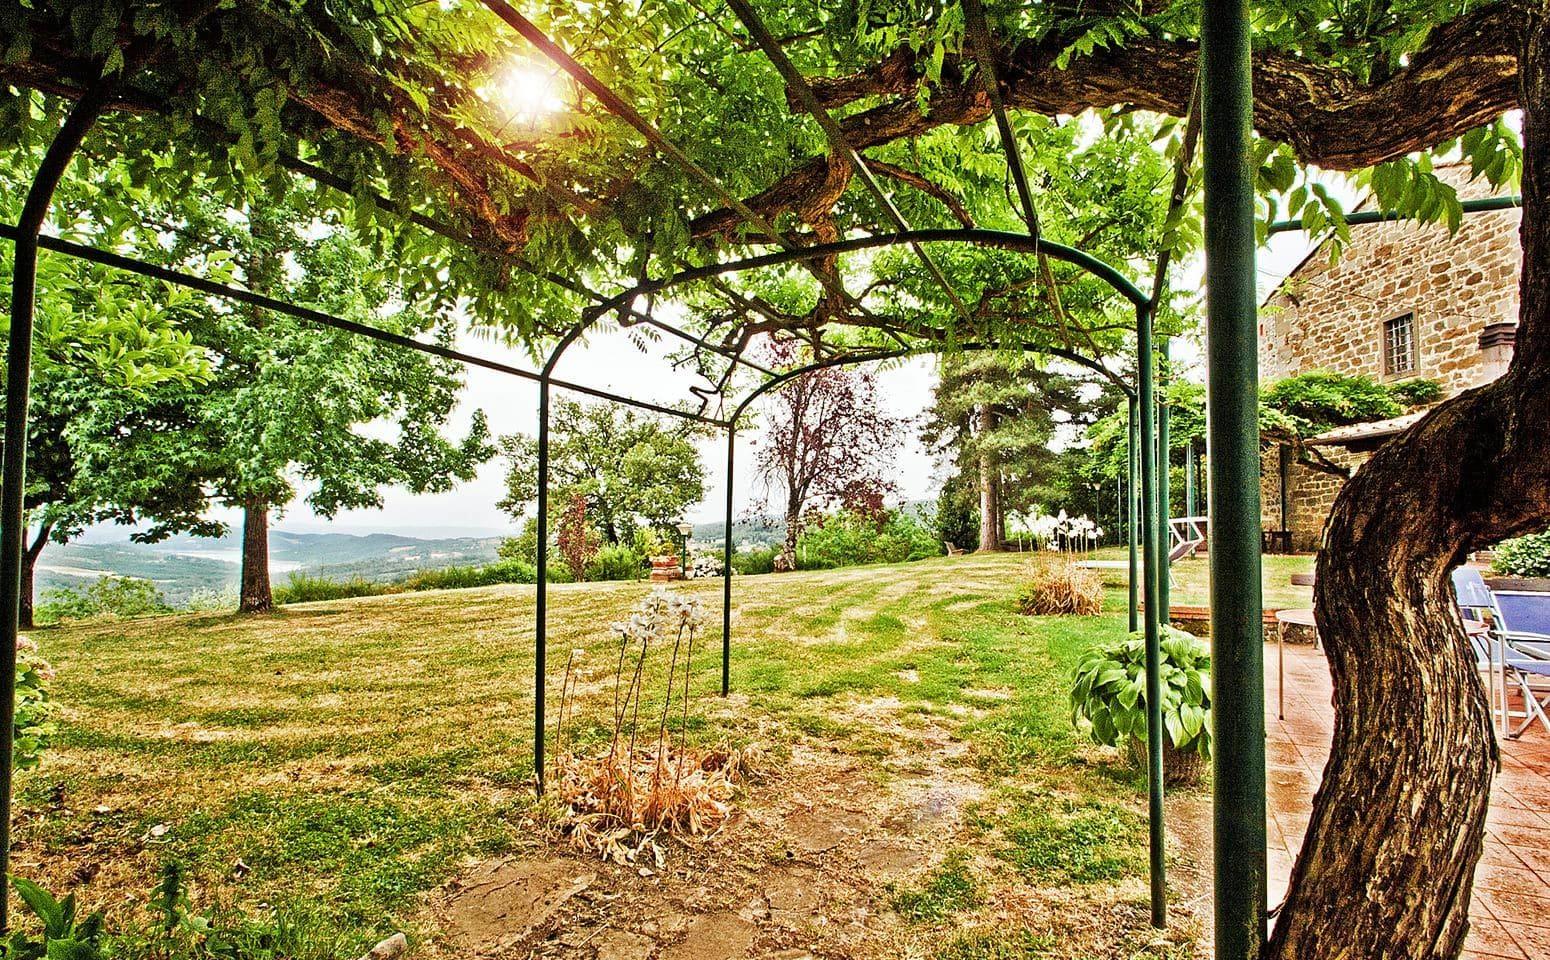 Giardino e Orto agriturismo in Toscana